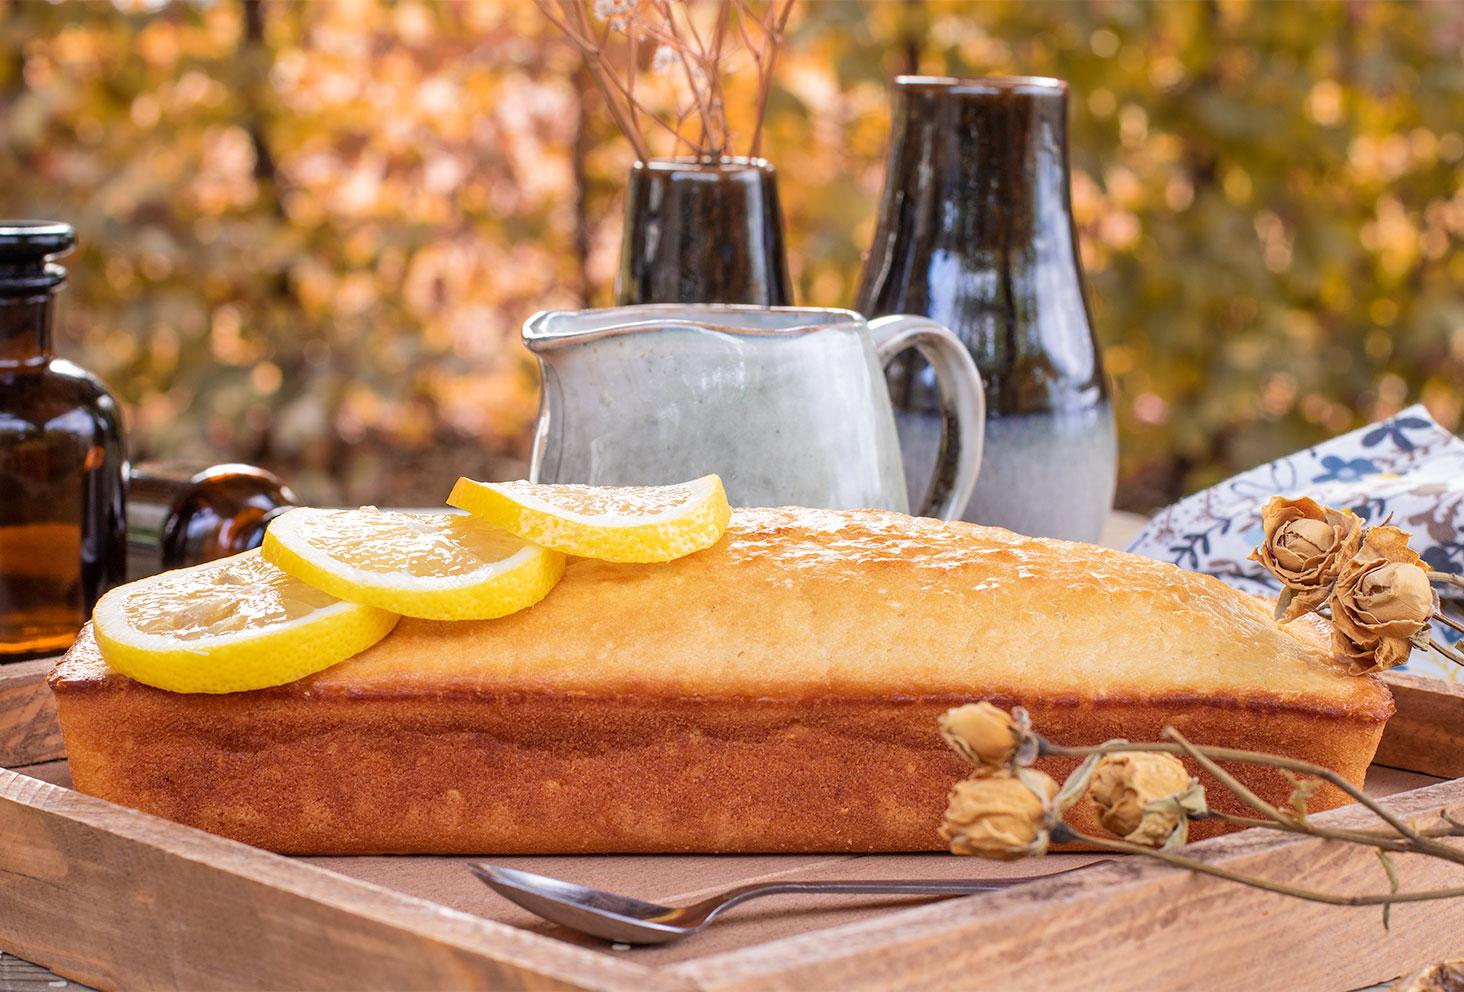 Zoom sur un cake au citron moelleux posé sur un plateau en bois pour le goûter